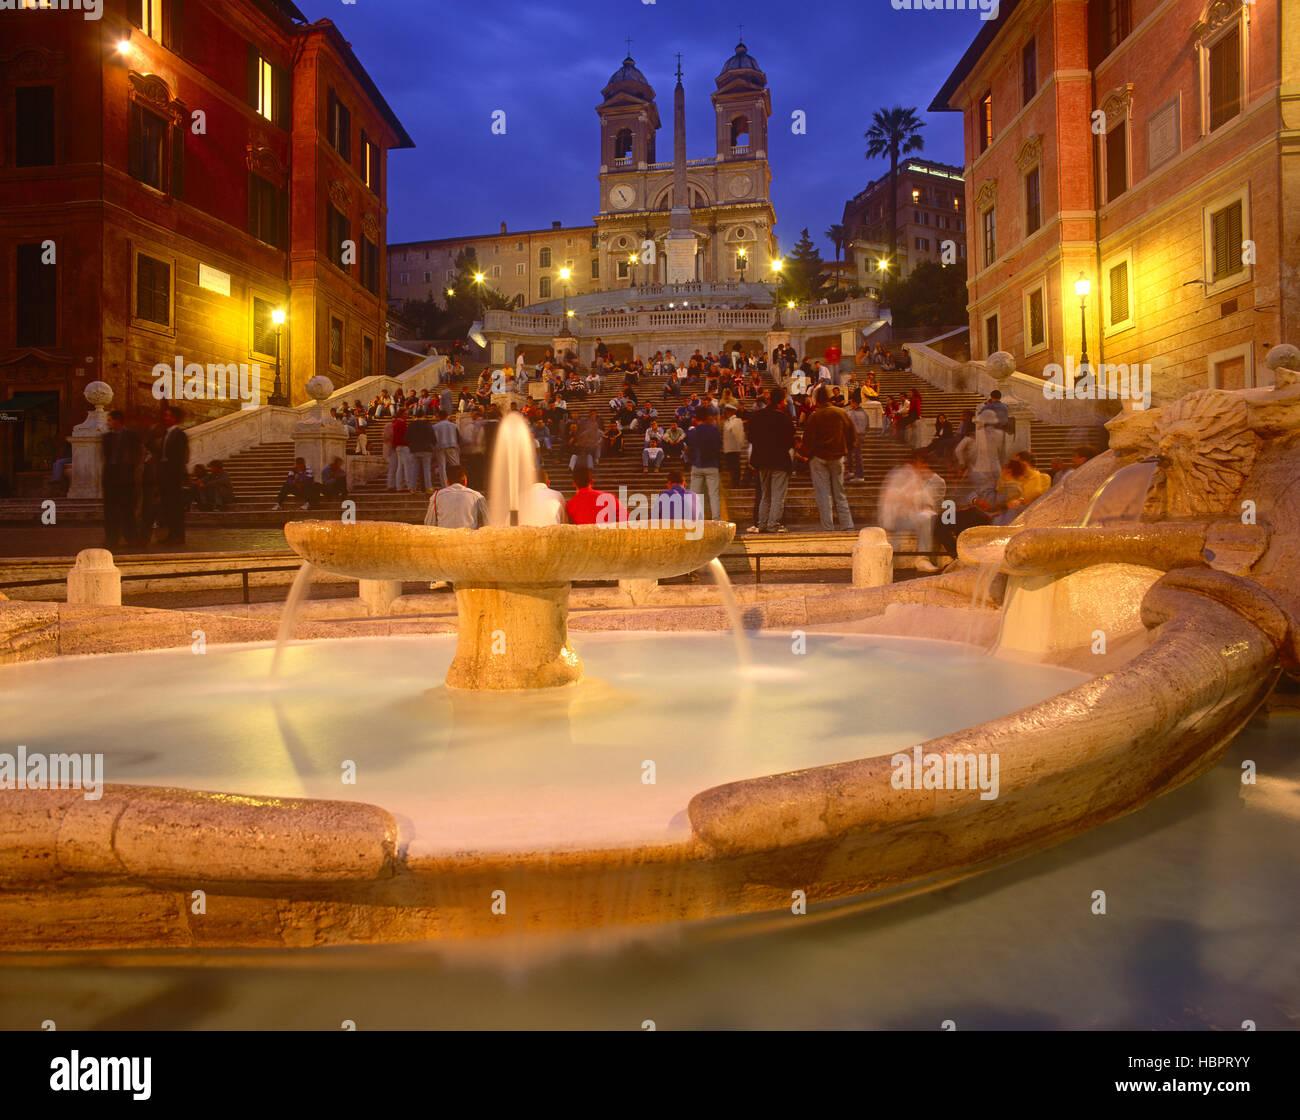 Spanische Treppe in der Abenddämmerung, Rom, Latium, Italien Stockfoto